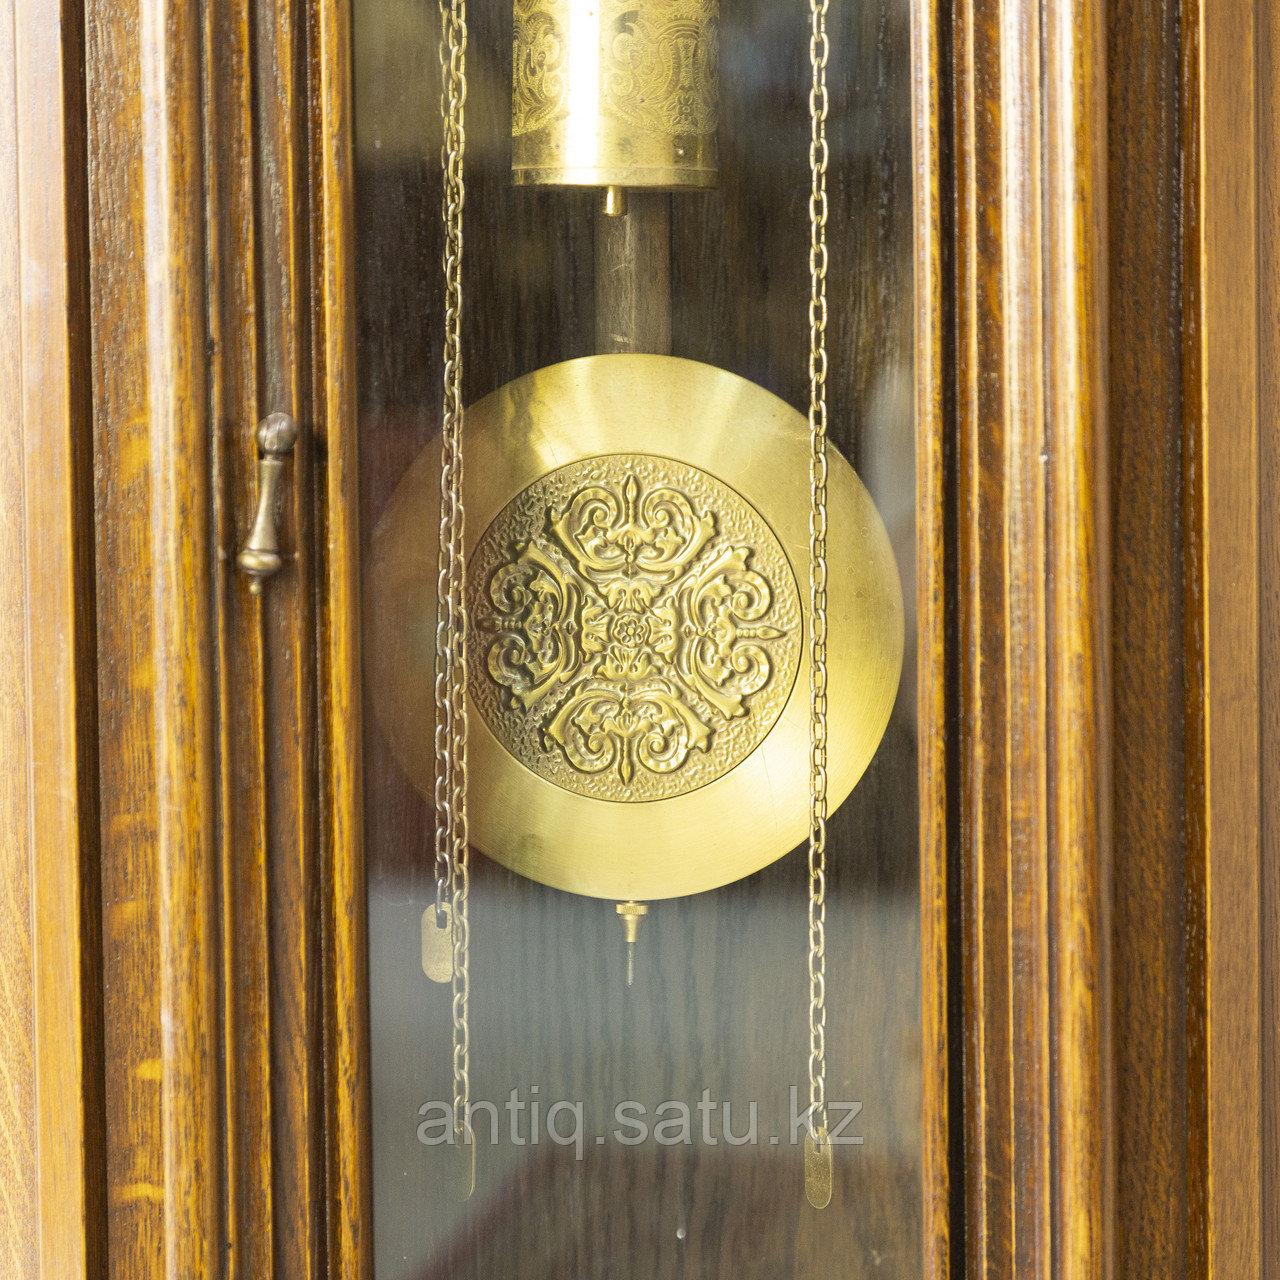 Напольные часы URGOS Германия - фото 9